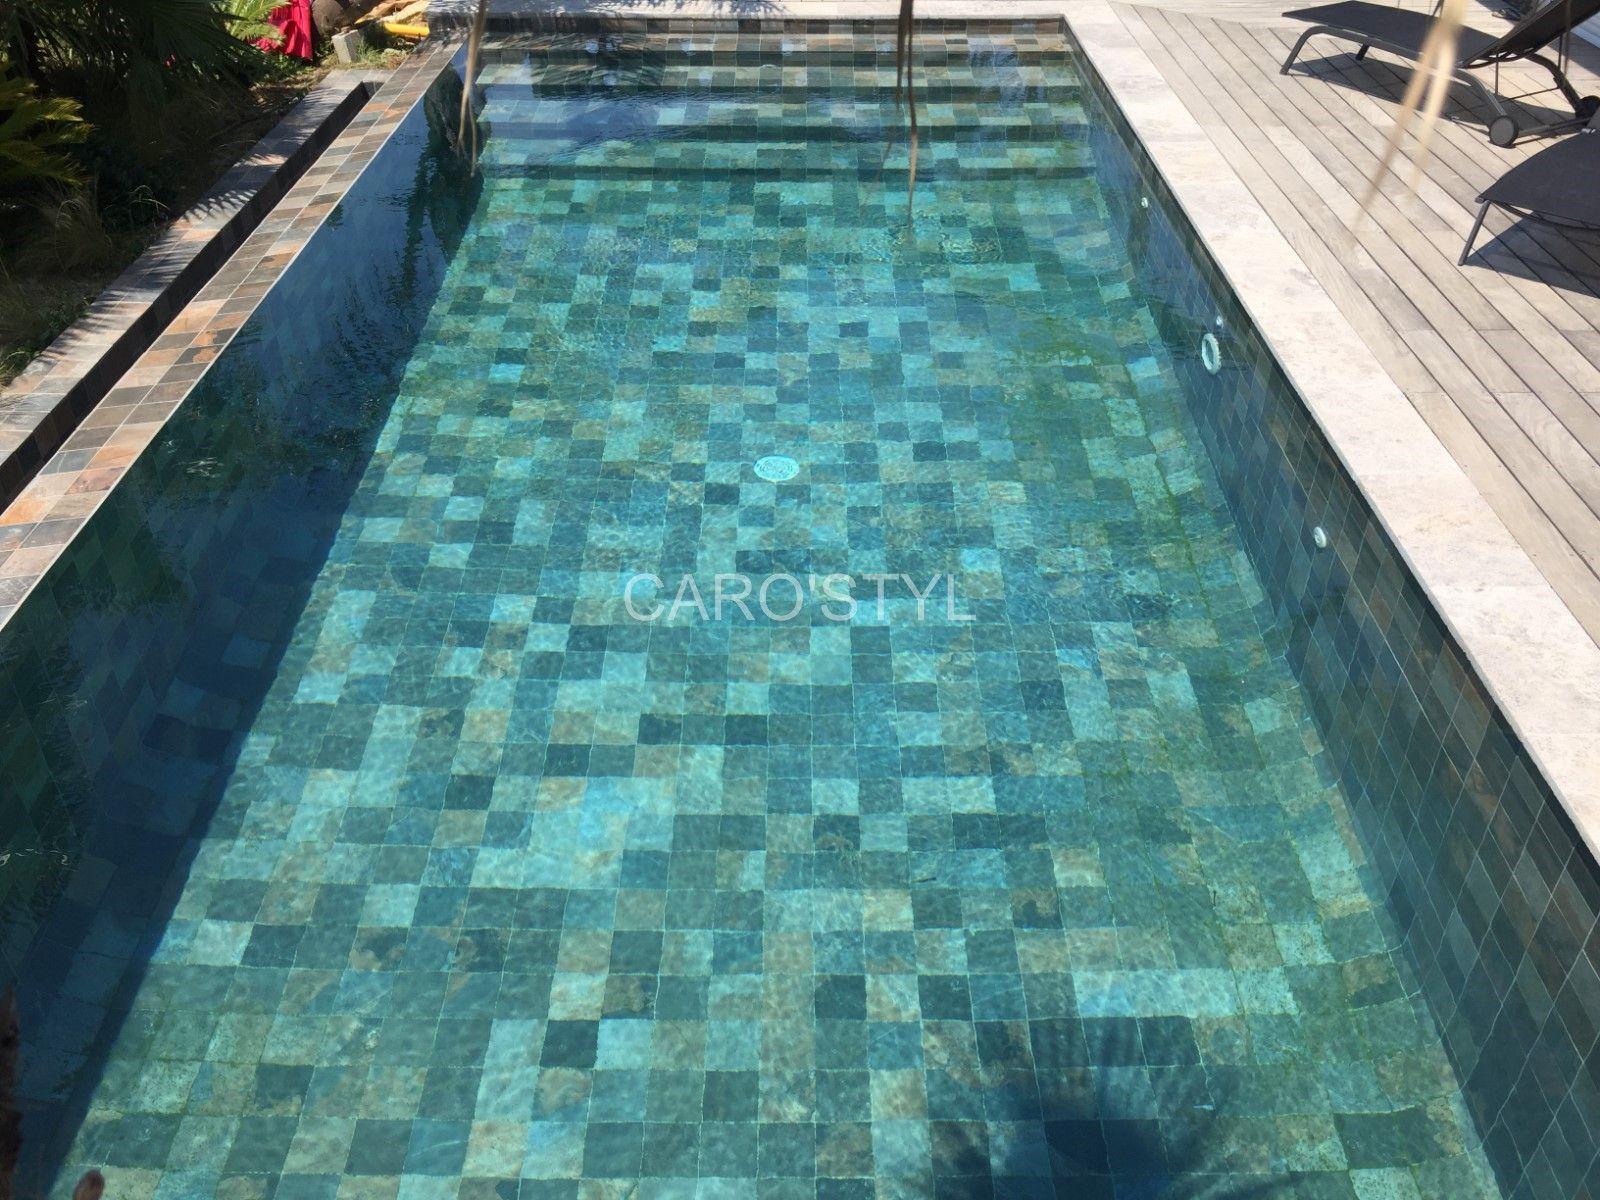 Piscine En Carrelage Green Bali 15x15 Cm Un Denuancage Magnifique Pour Une Eau Emeraude Magasin De Carrelage Pier Piscine Carrelage Piscine Piscine Verte